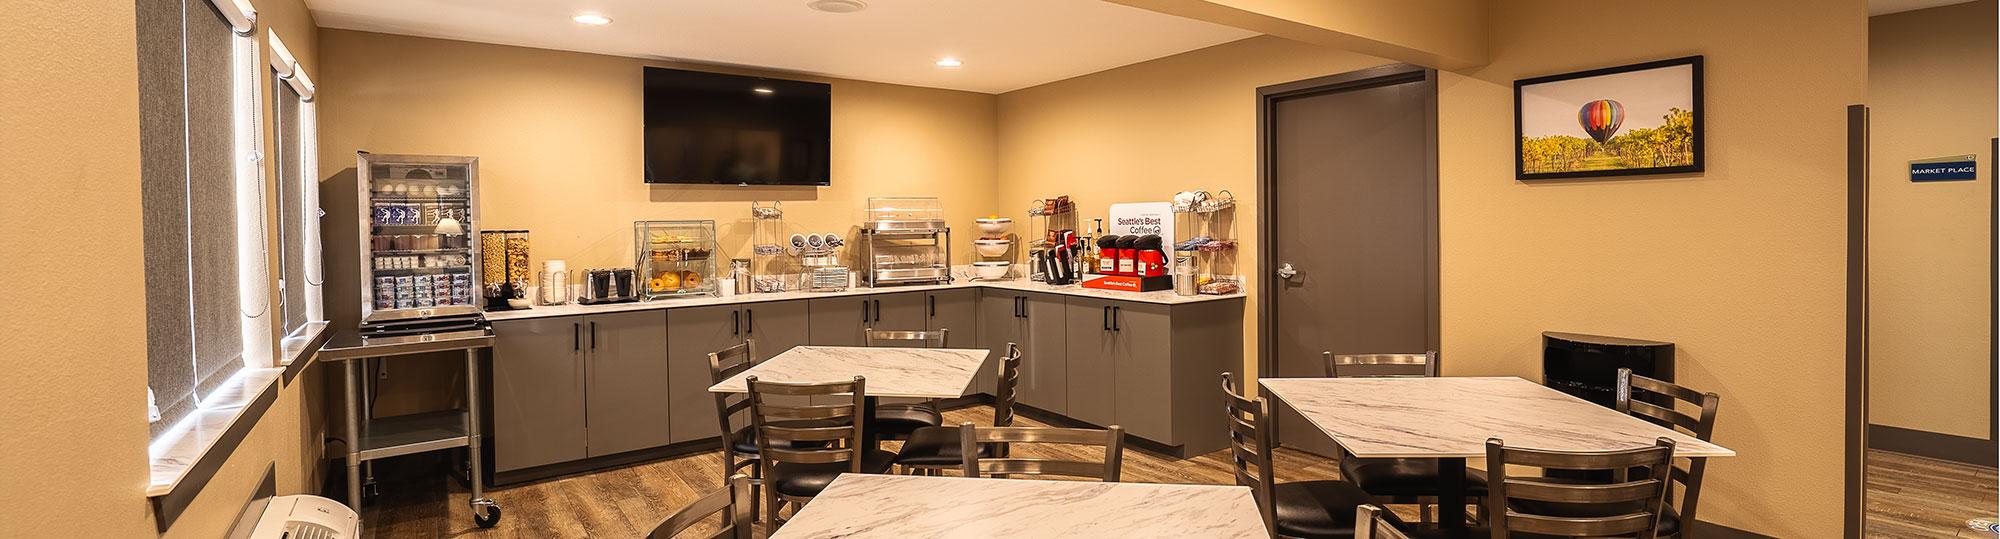 Cobblestone Inn & Suites Trenton